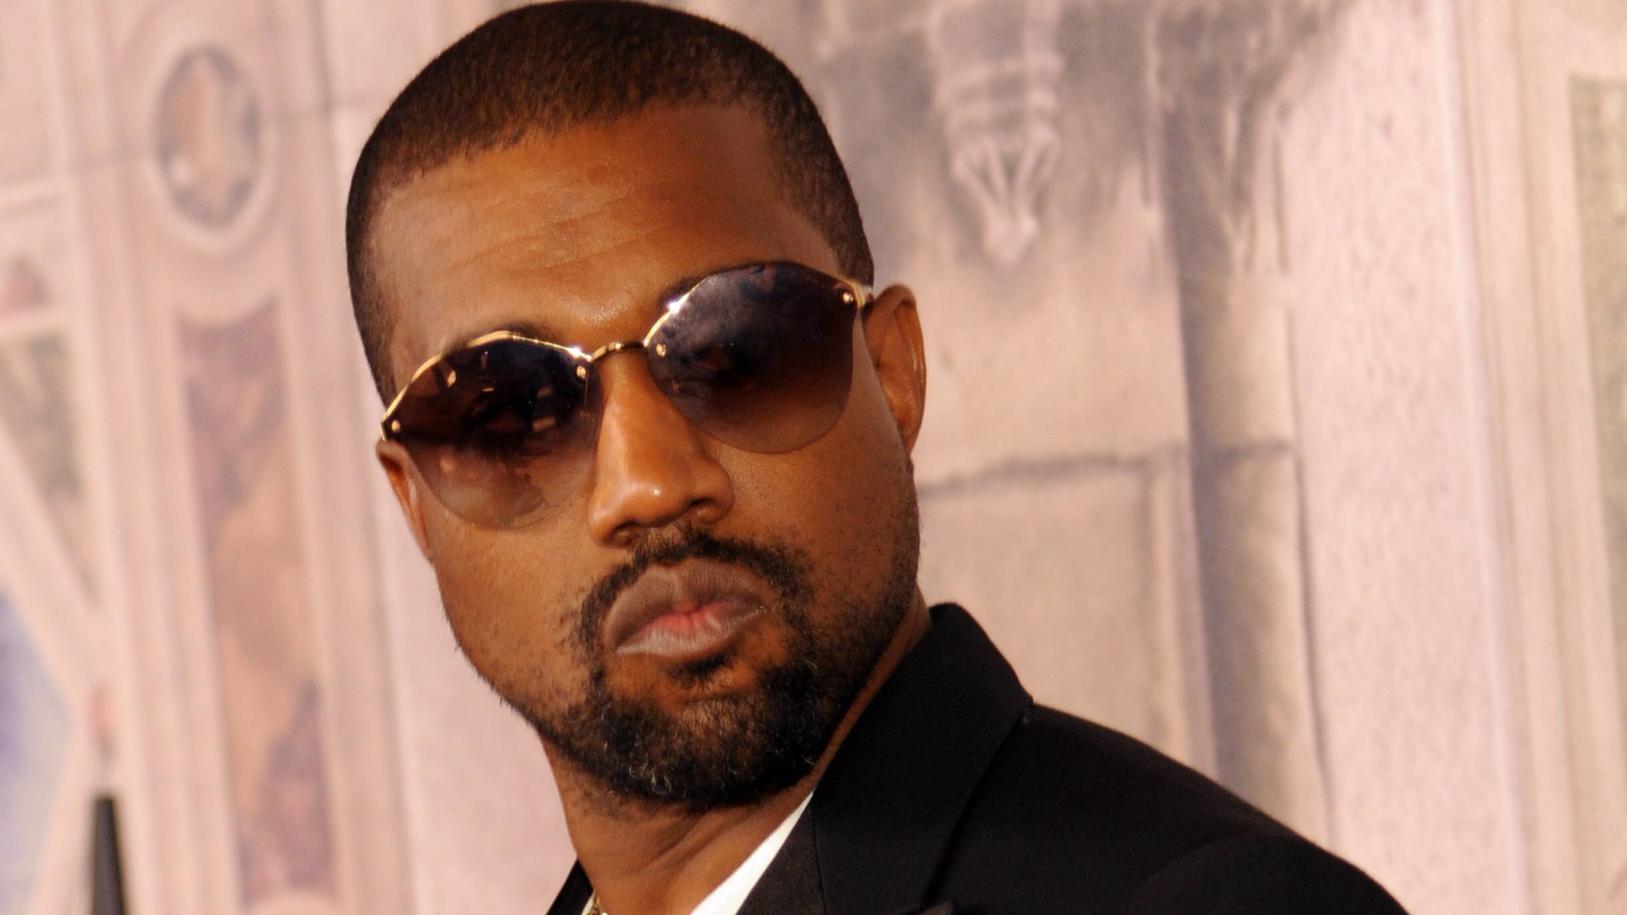 Hat sich einen neuen Namen zugelegt Kanye West